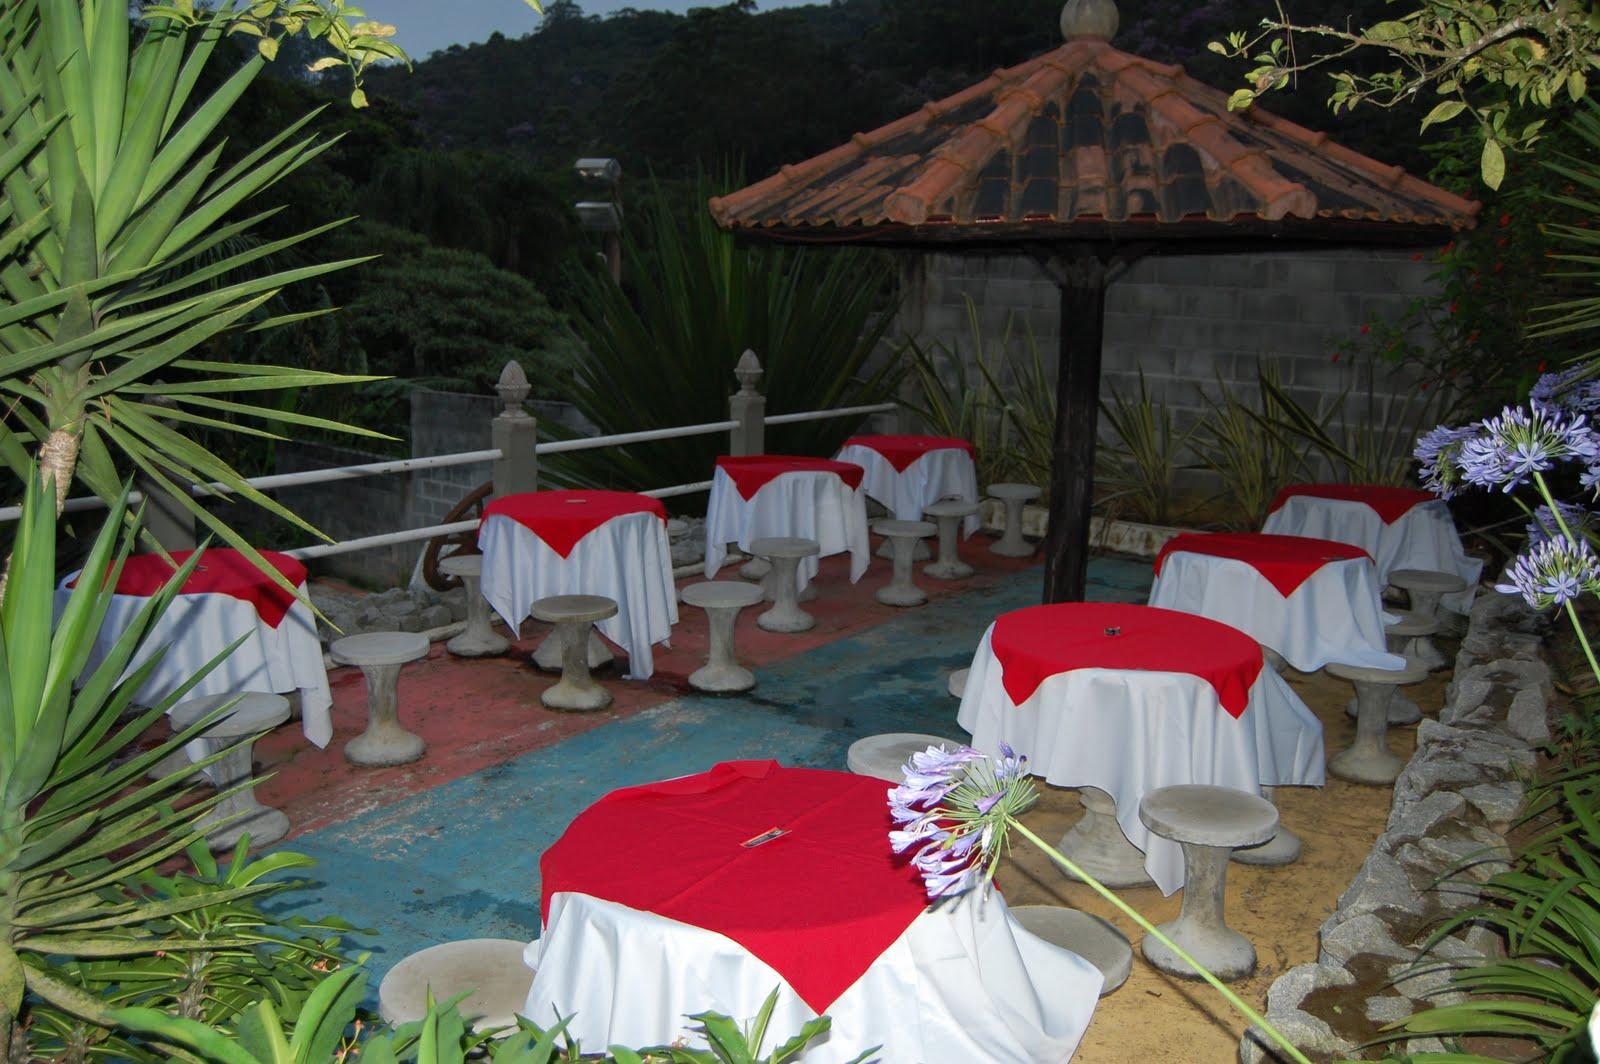 decoracao para casamento em sitio:Casamento em BH: Casamento em Sítio!